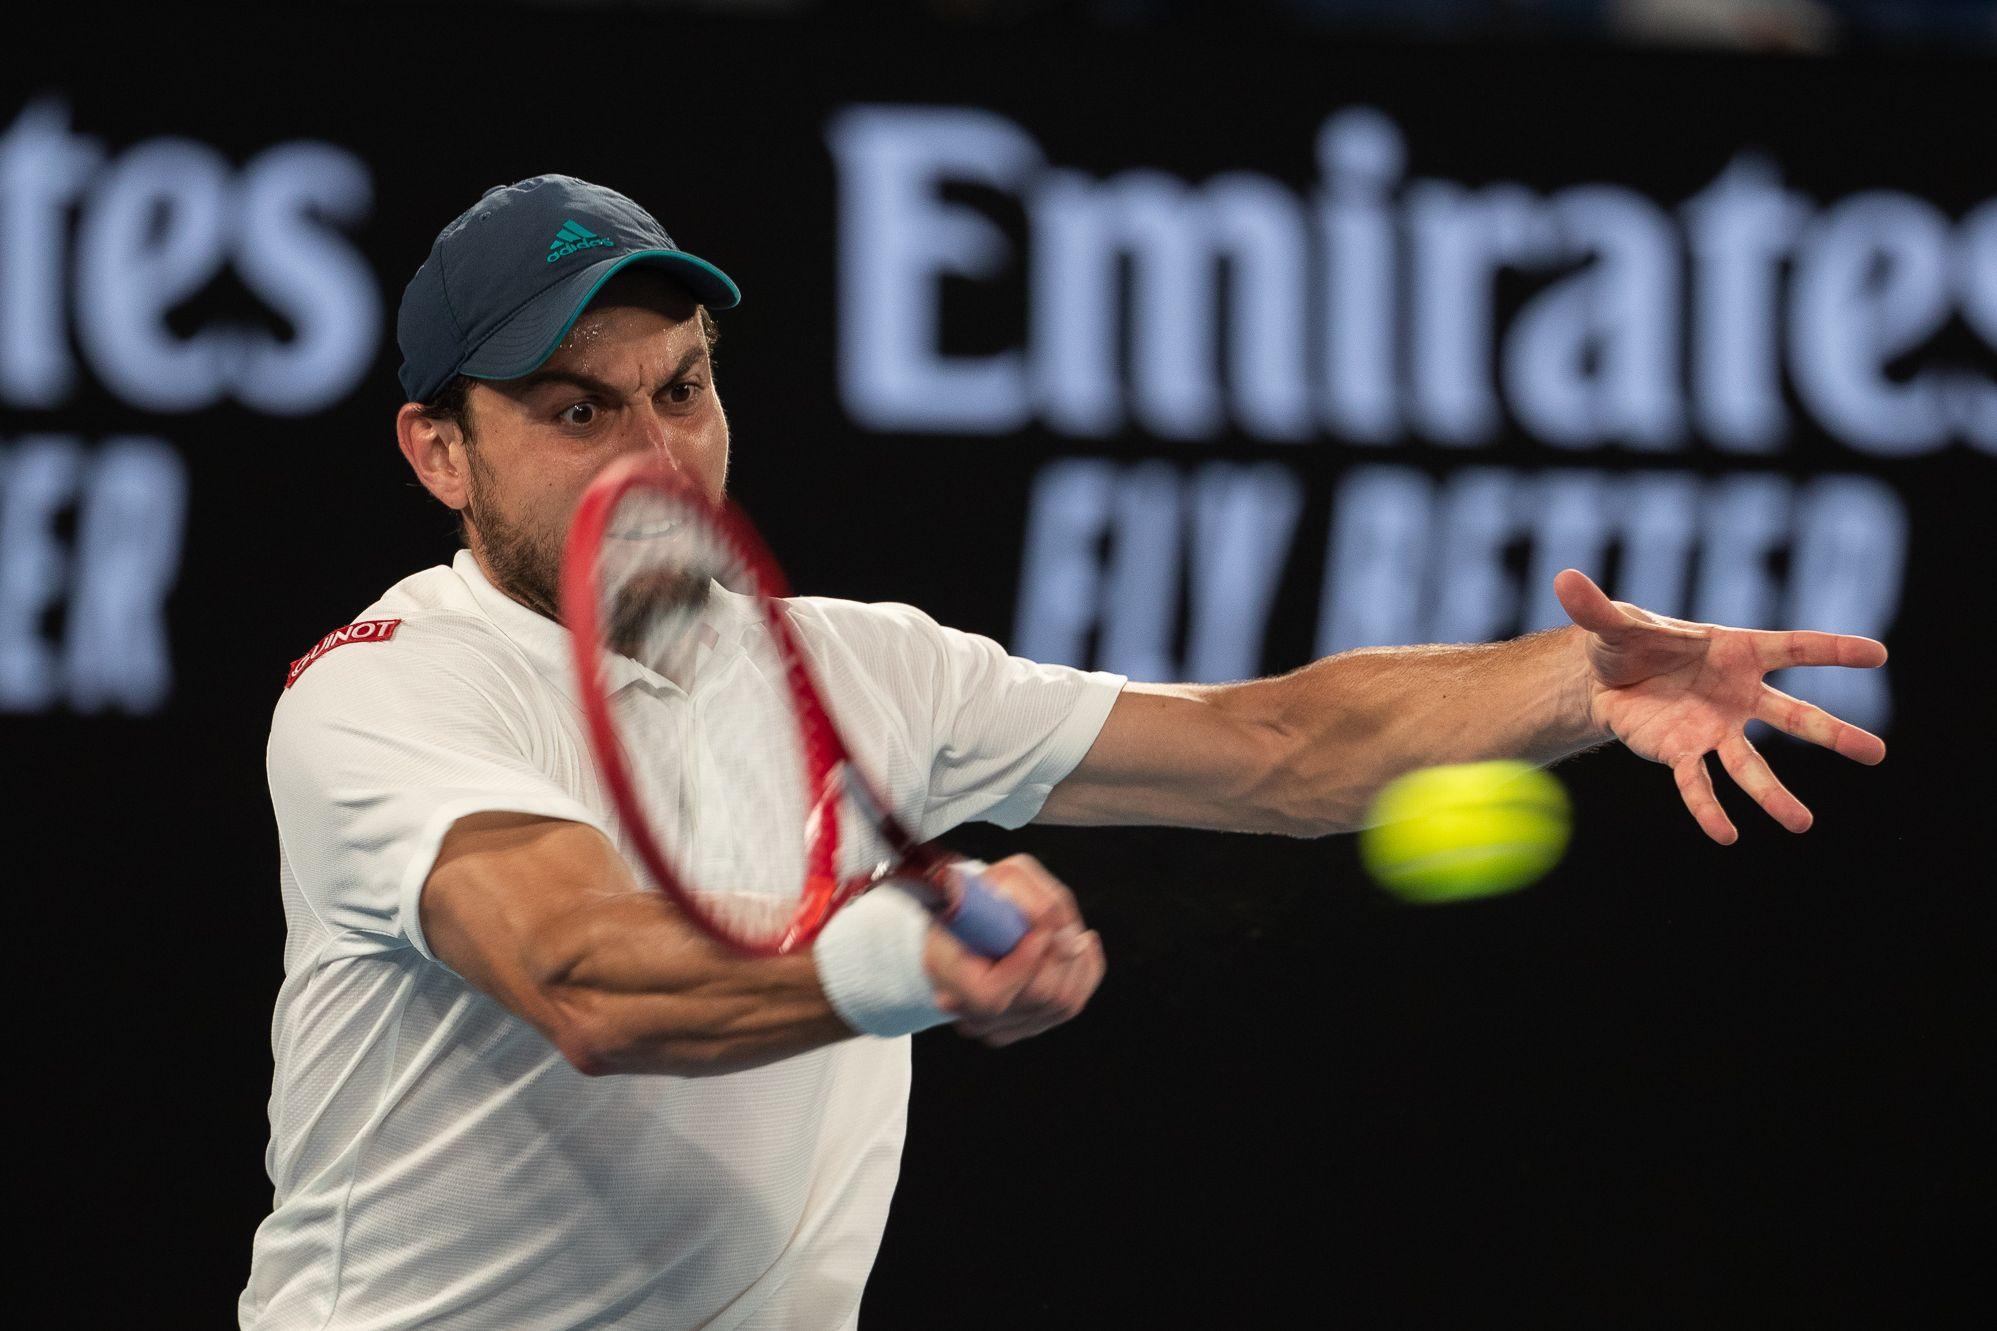 Как Карацев впервые в карьере выиграл турнир ATP (ВИДЕО)